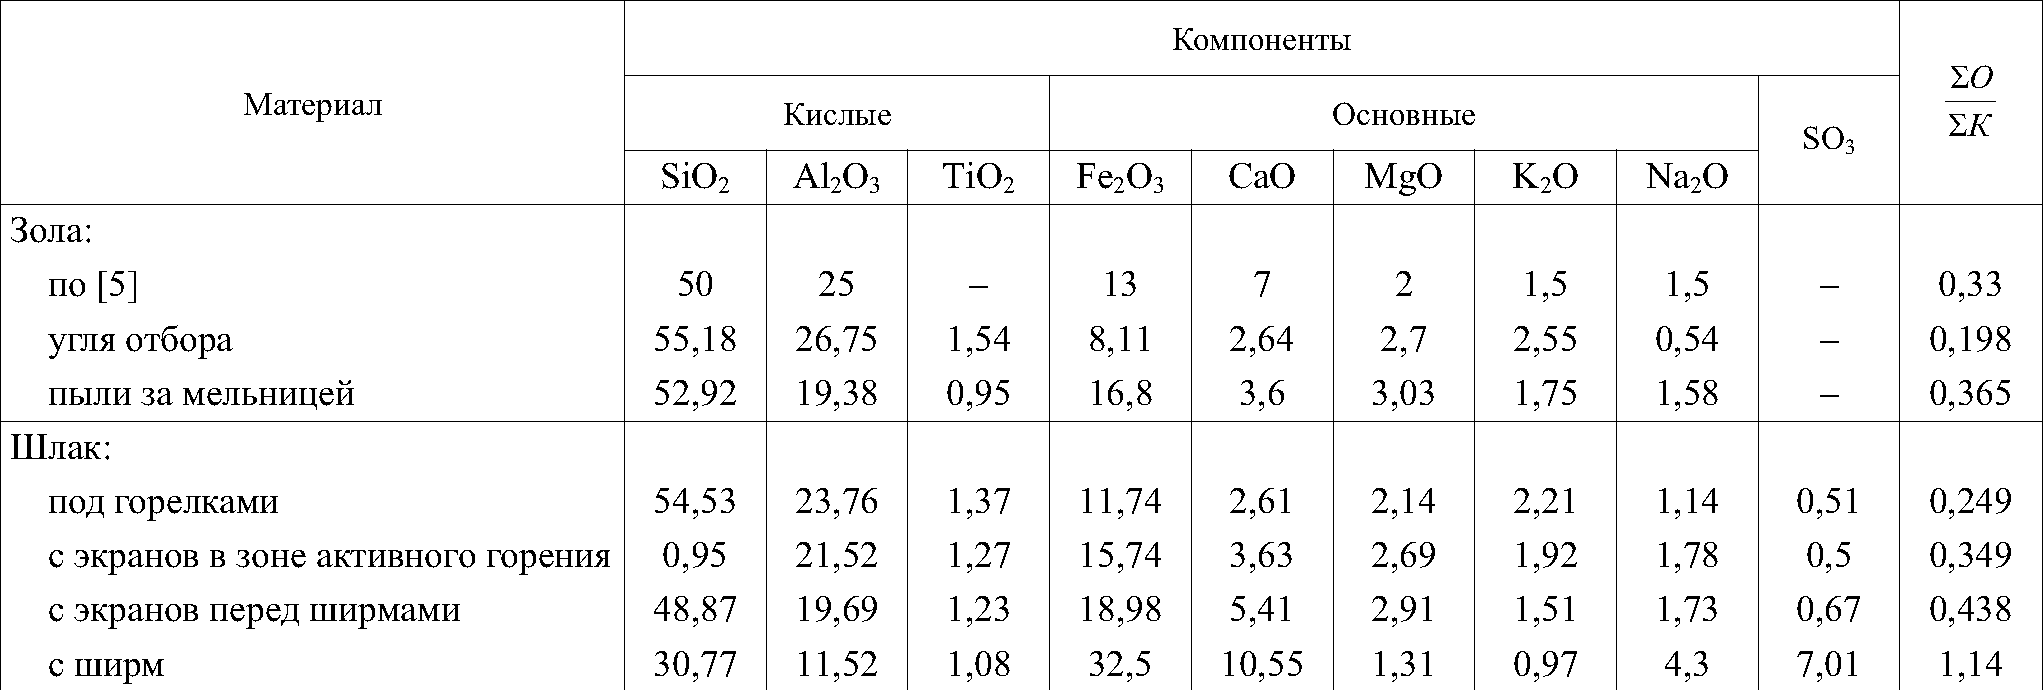 анализ качества произведенной продукции курсовая работа